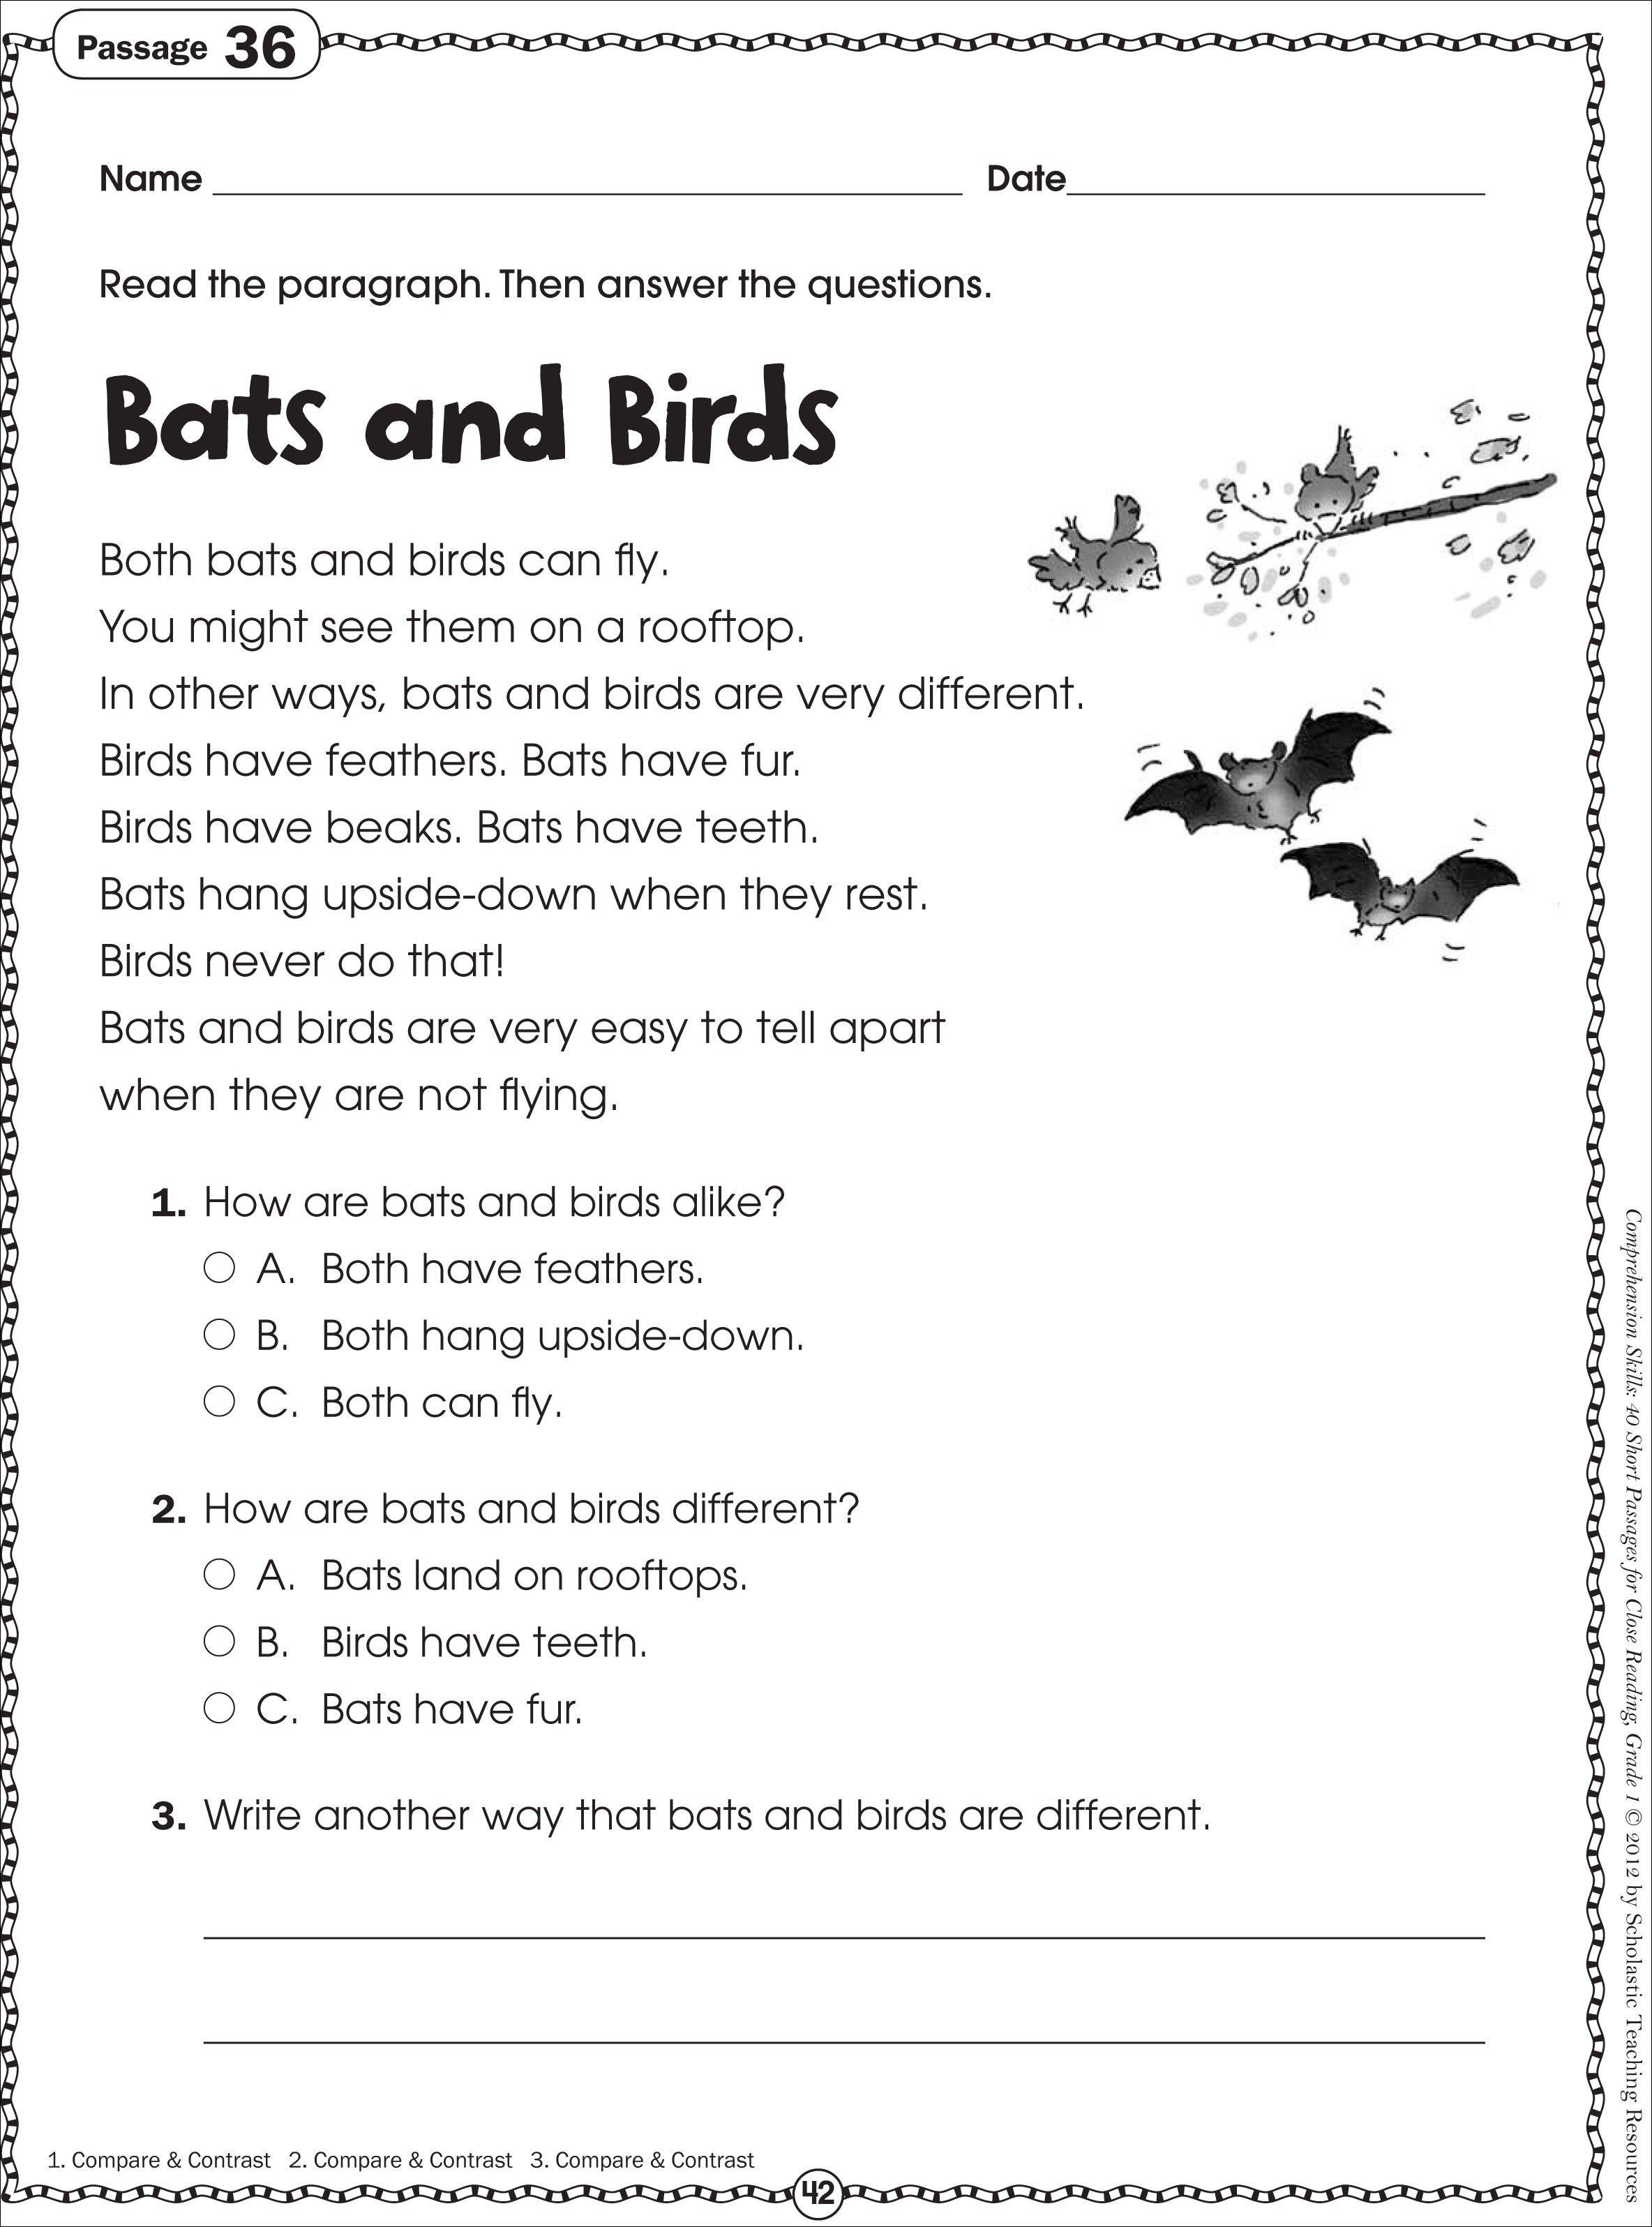 Free Printable Reading Comprehension Worksheets For Kindergarten - Free Printable Reading Assessment Test